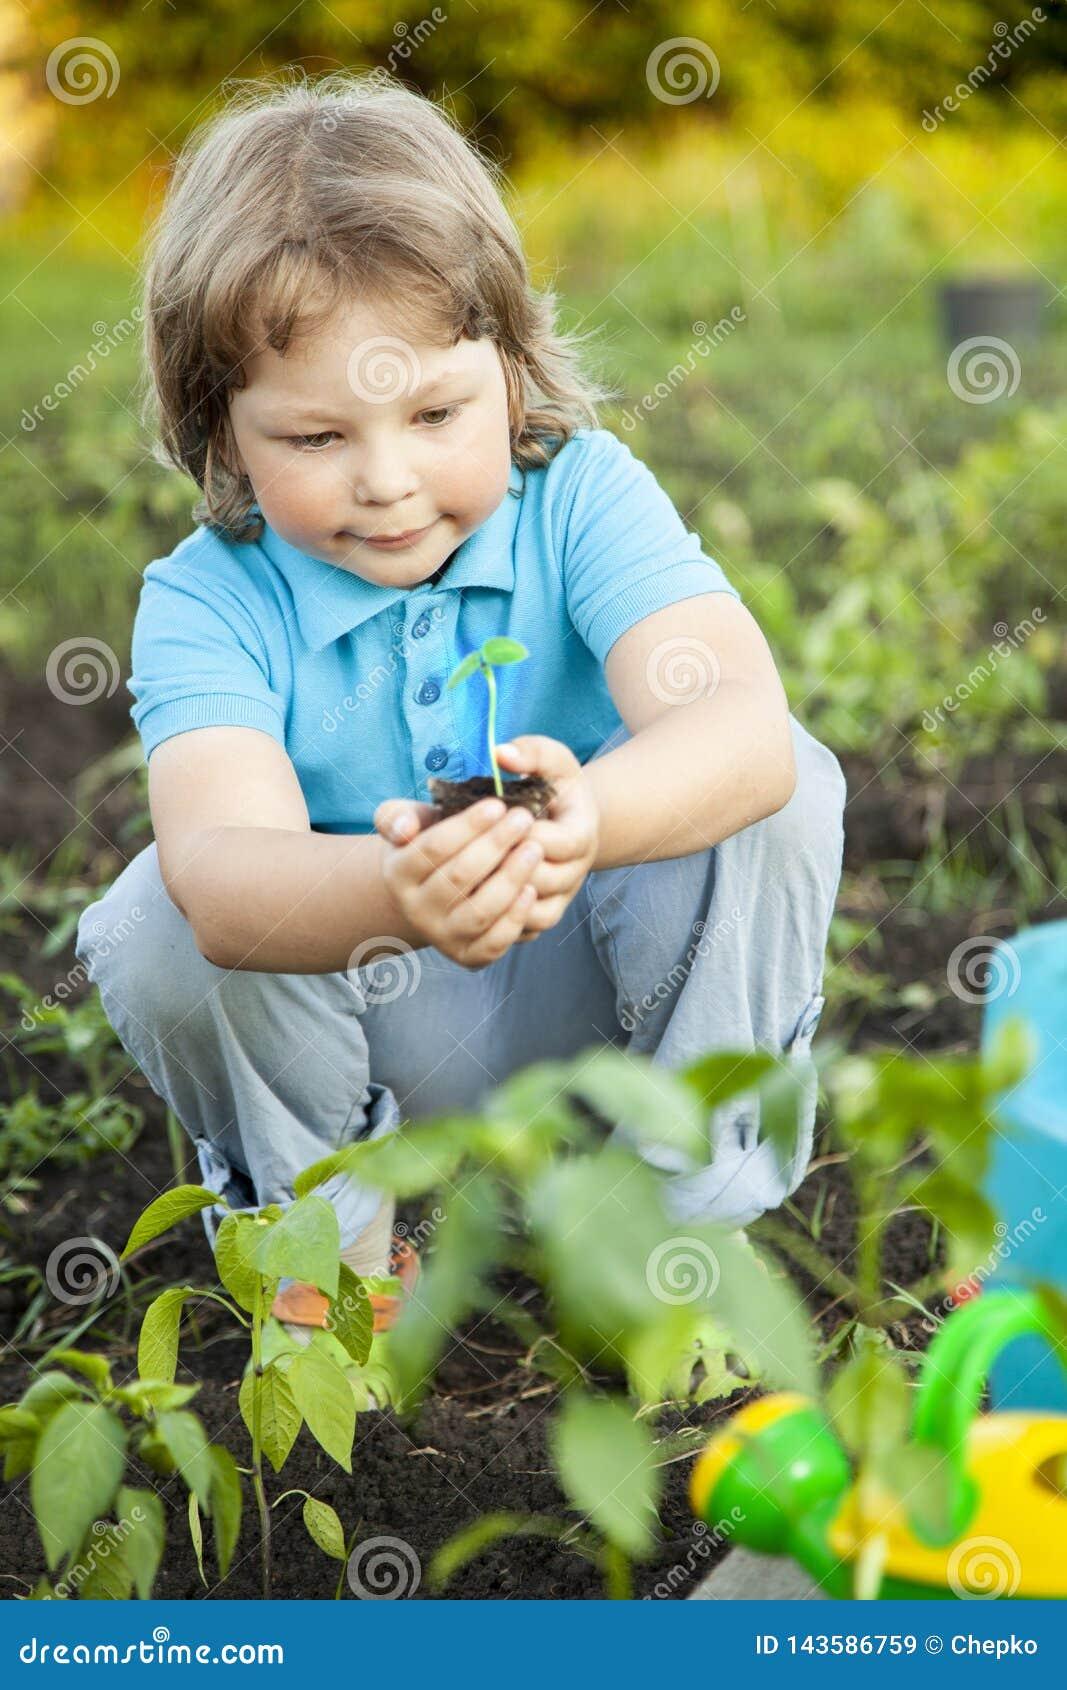 De jongen in de tuin bewondert de installatie alvorens te planten Groene Spruit in Kinderenhanden